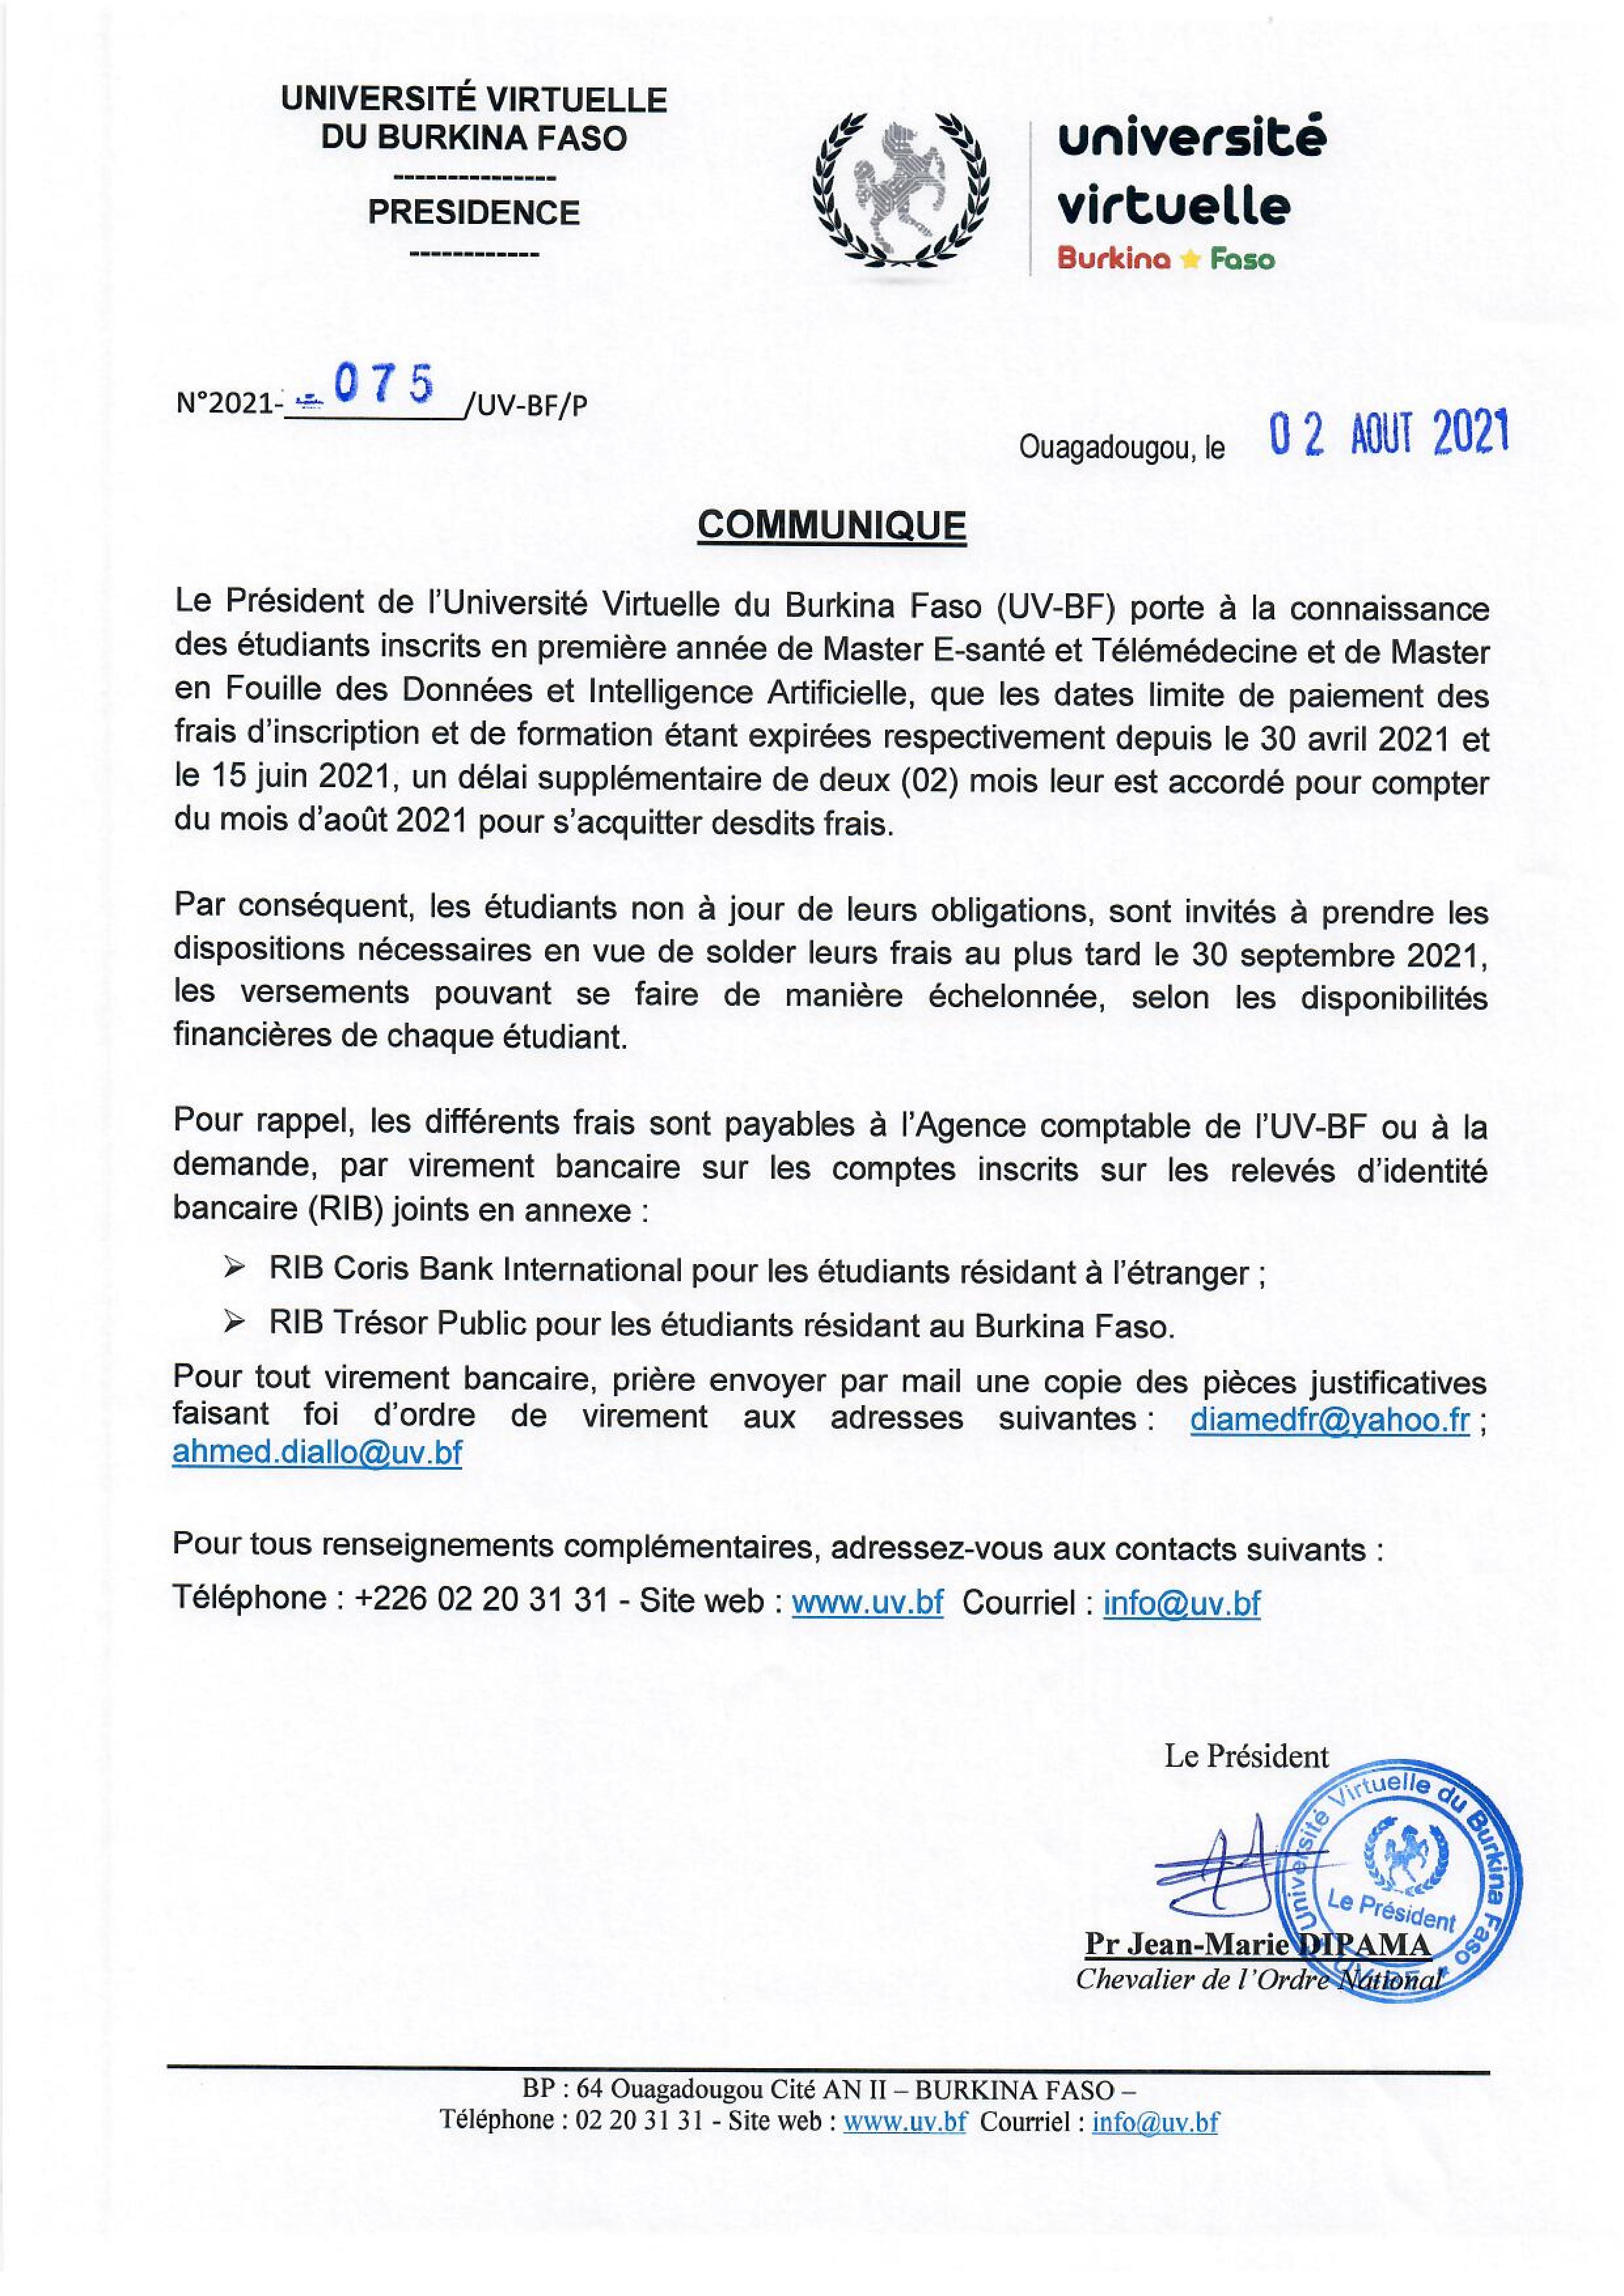 Communiqué relatif à l'acquittement des frais d'inscription et de formation pour les premières années Master